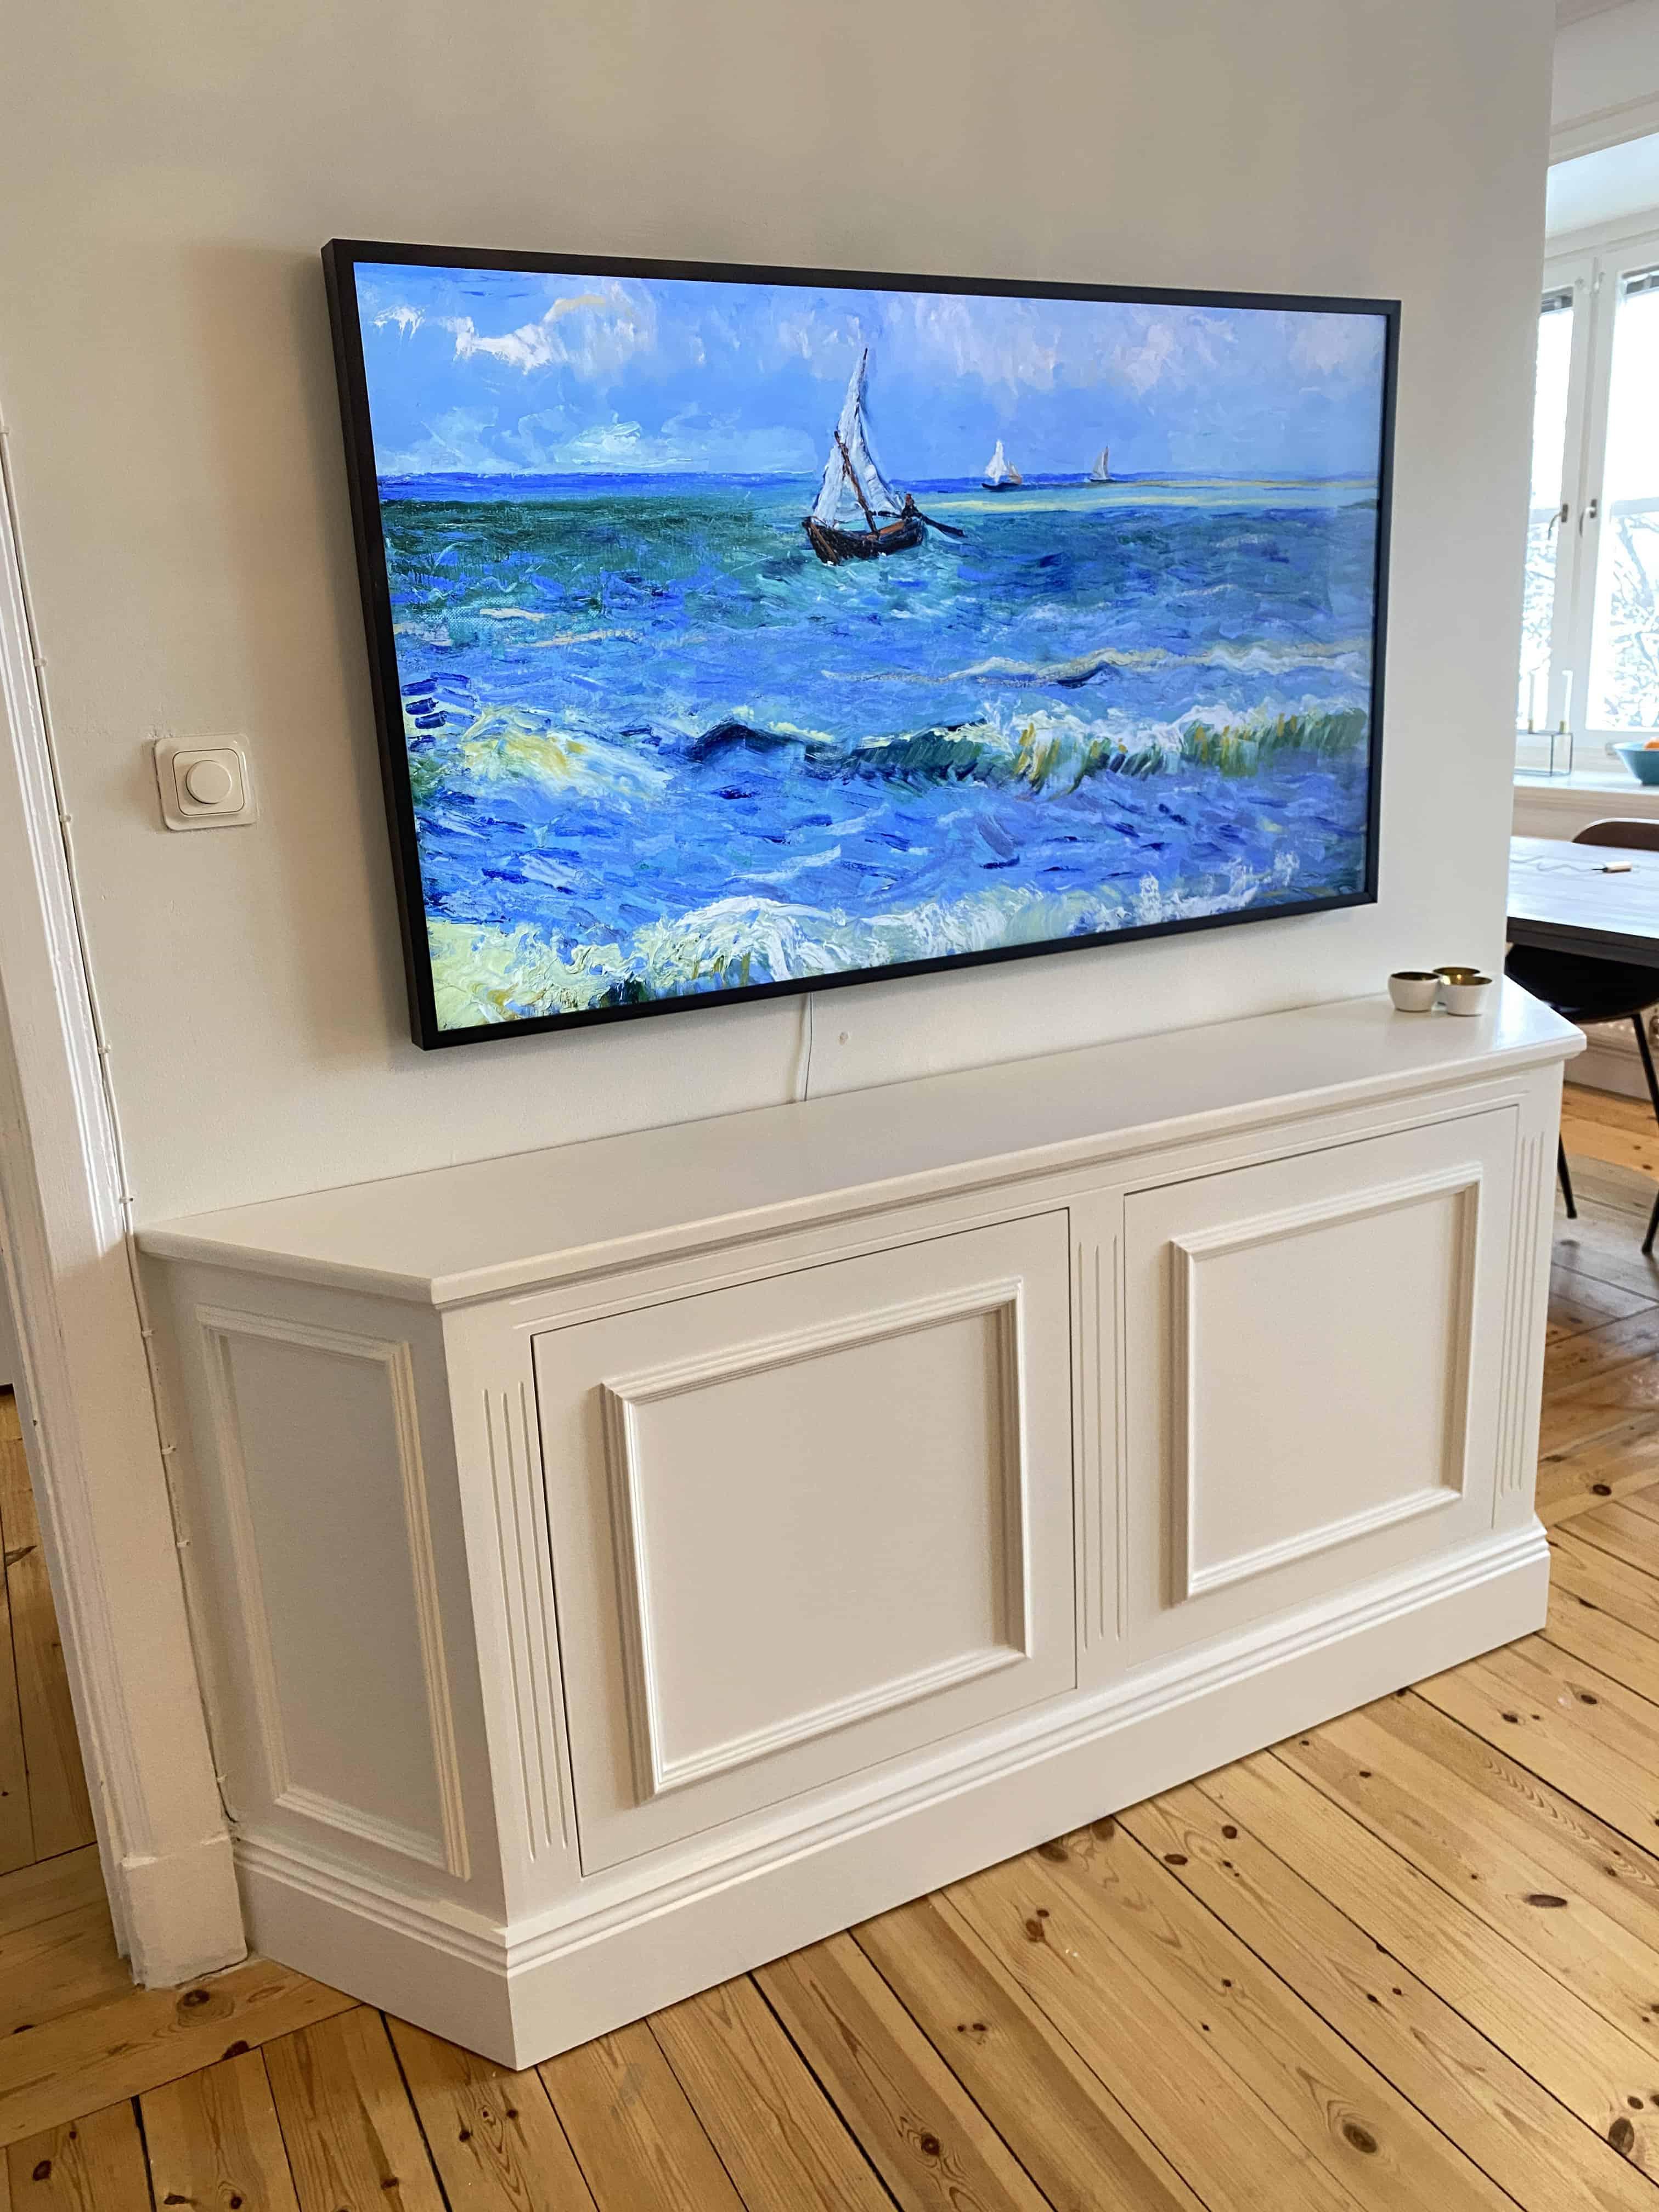 """Referensjobb """"TV-Bänk sekelskifte"""" utfört av AKSE Design & Bygg Handelsbolag"""